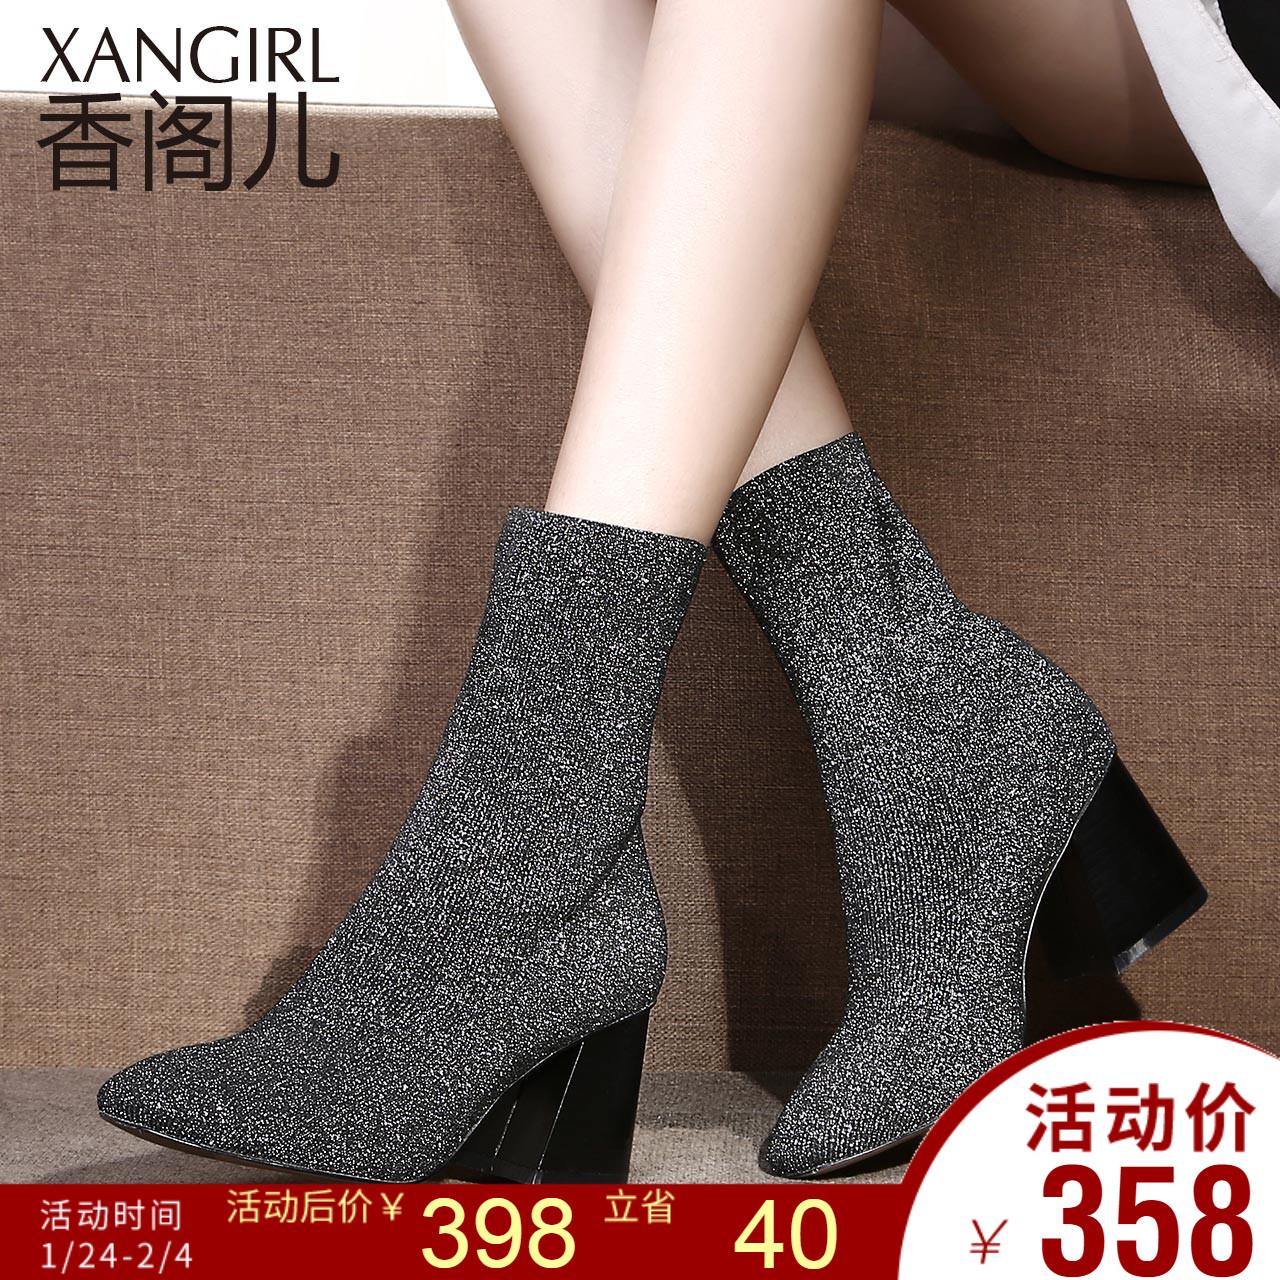 香阁儿粗跟短靴女鞋冬靴新款欧美潮流弹力靴高跟鞋子女中筒靴